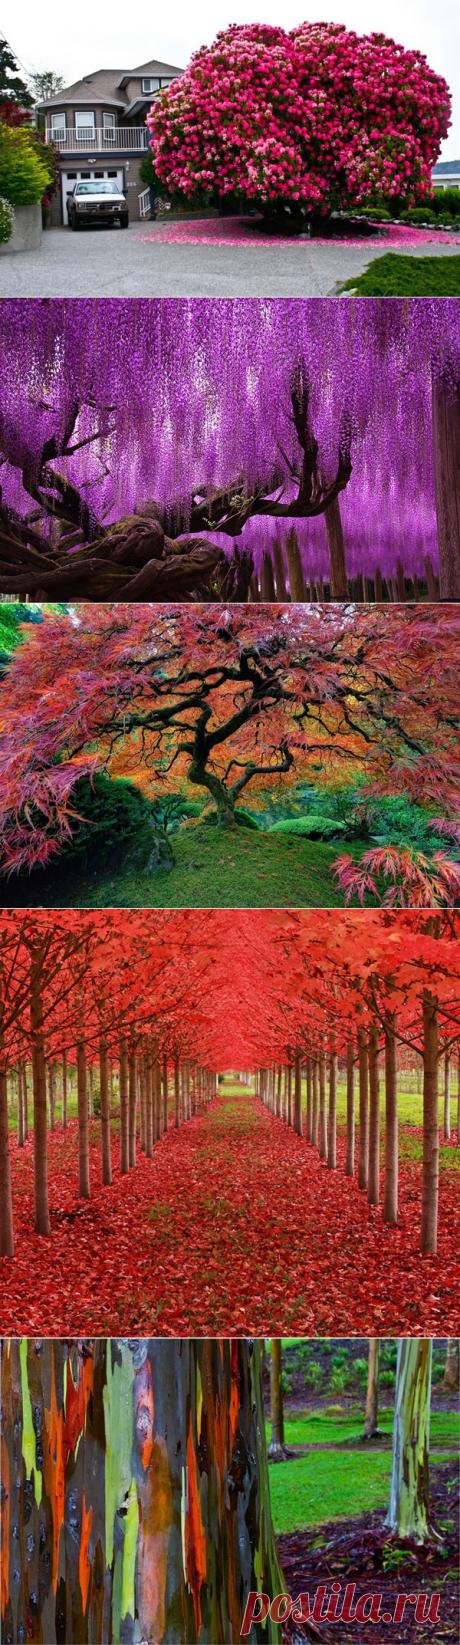 Деревья изумительной красоты - My izumrud